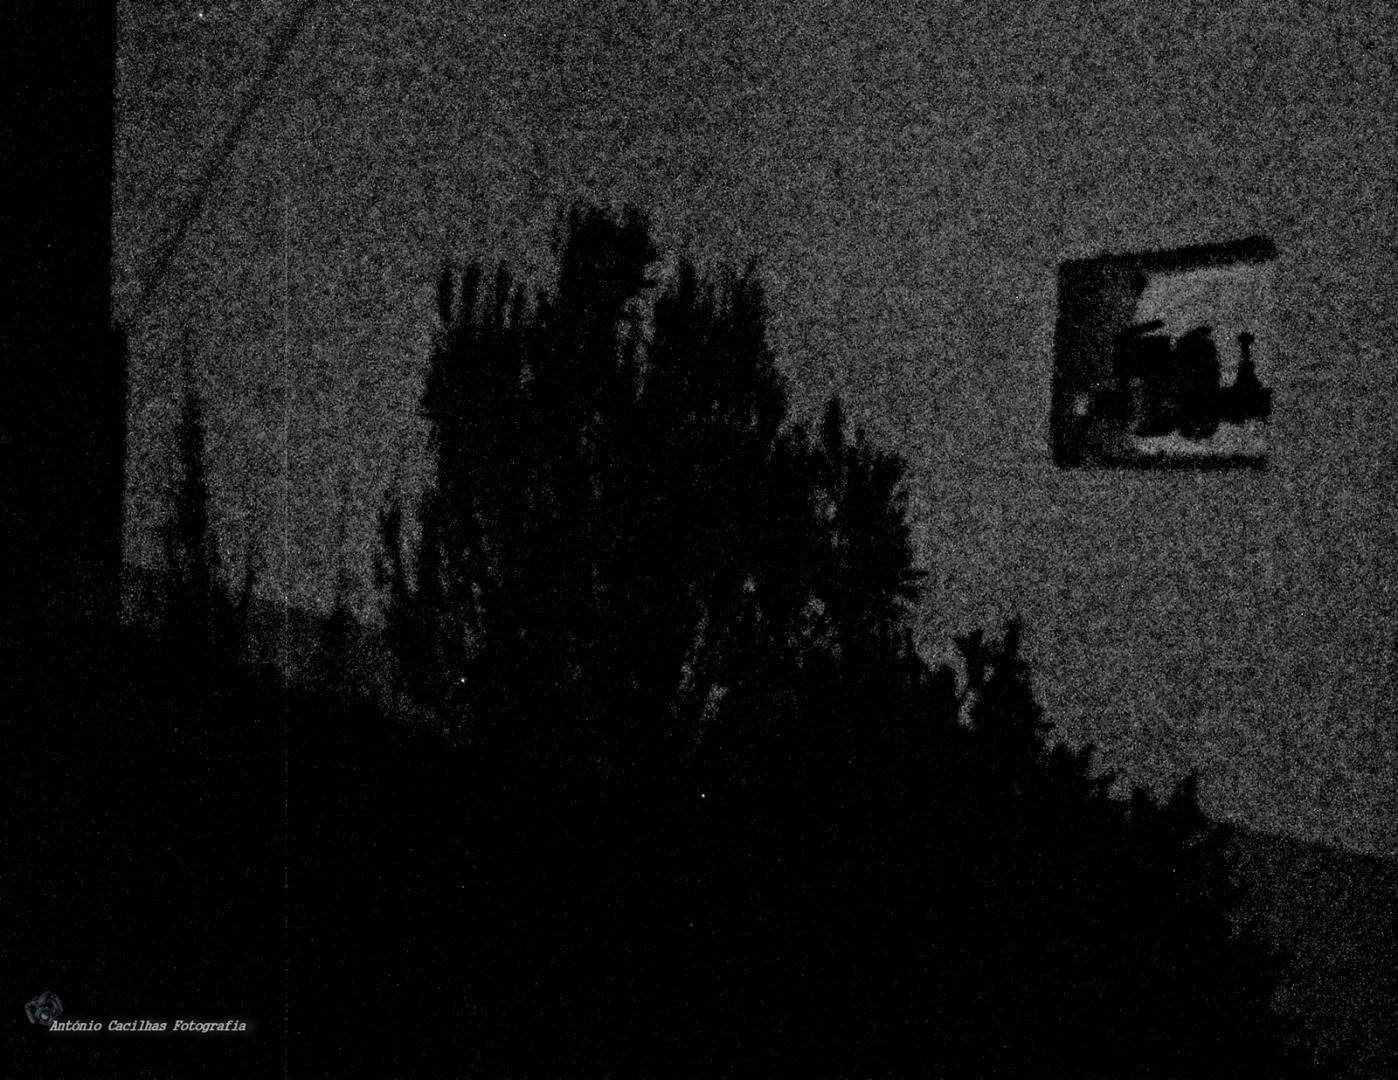 Abstrato/O Ruido da solidão